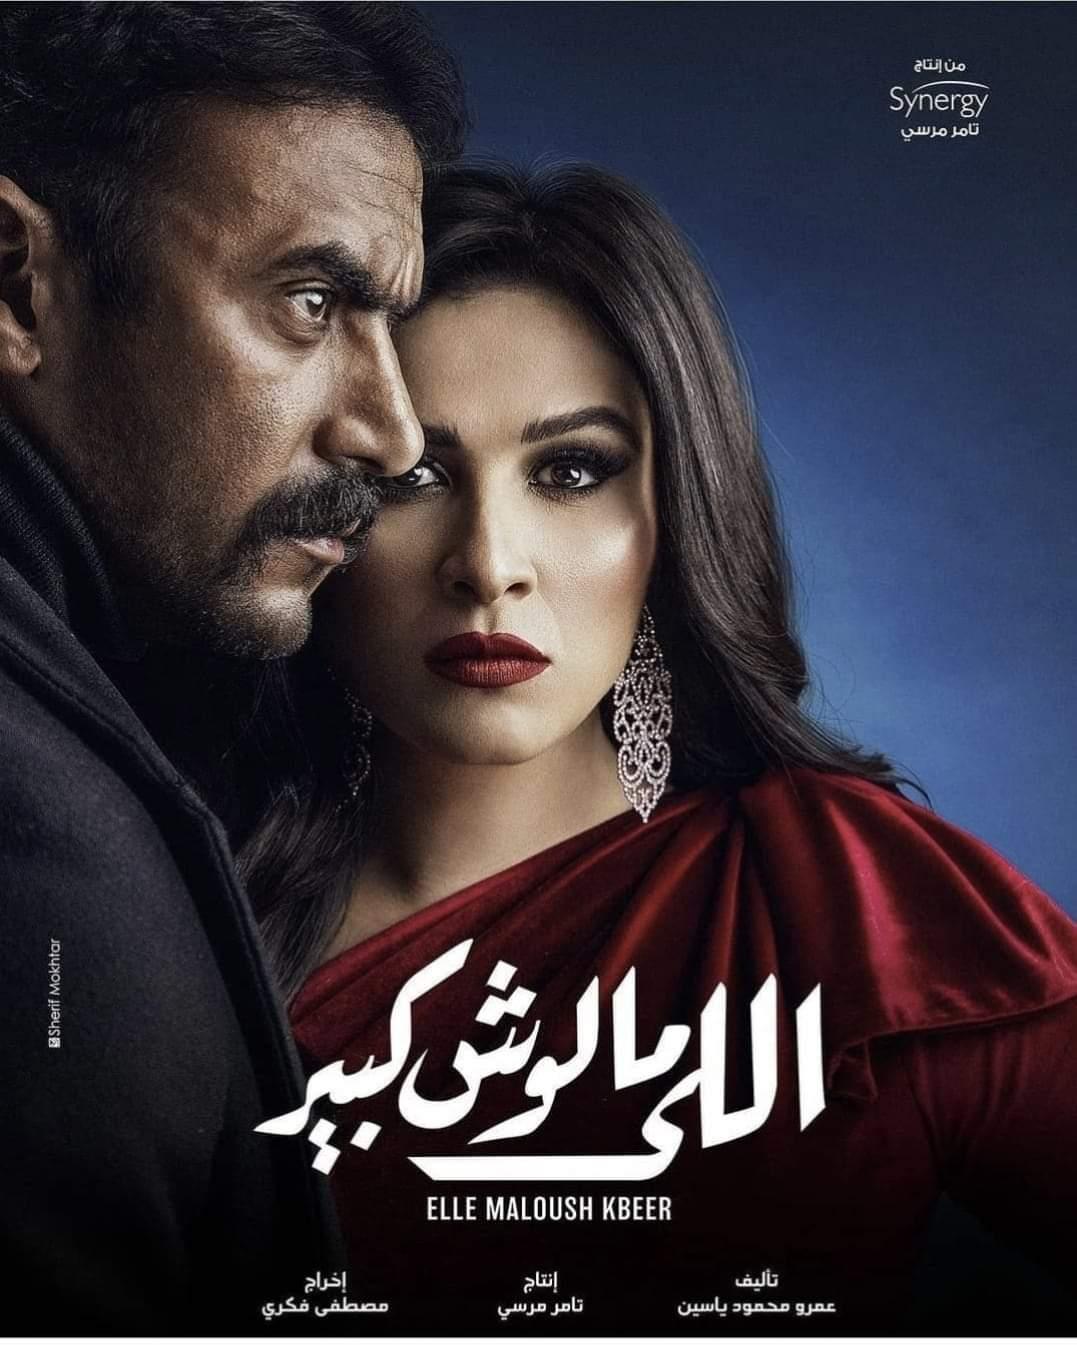 مسلسل اللي مالوش كبير، أثار الجدل بين المؤيد والمعارض من المشاهدين بسبب نهاية المسلسل